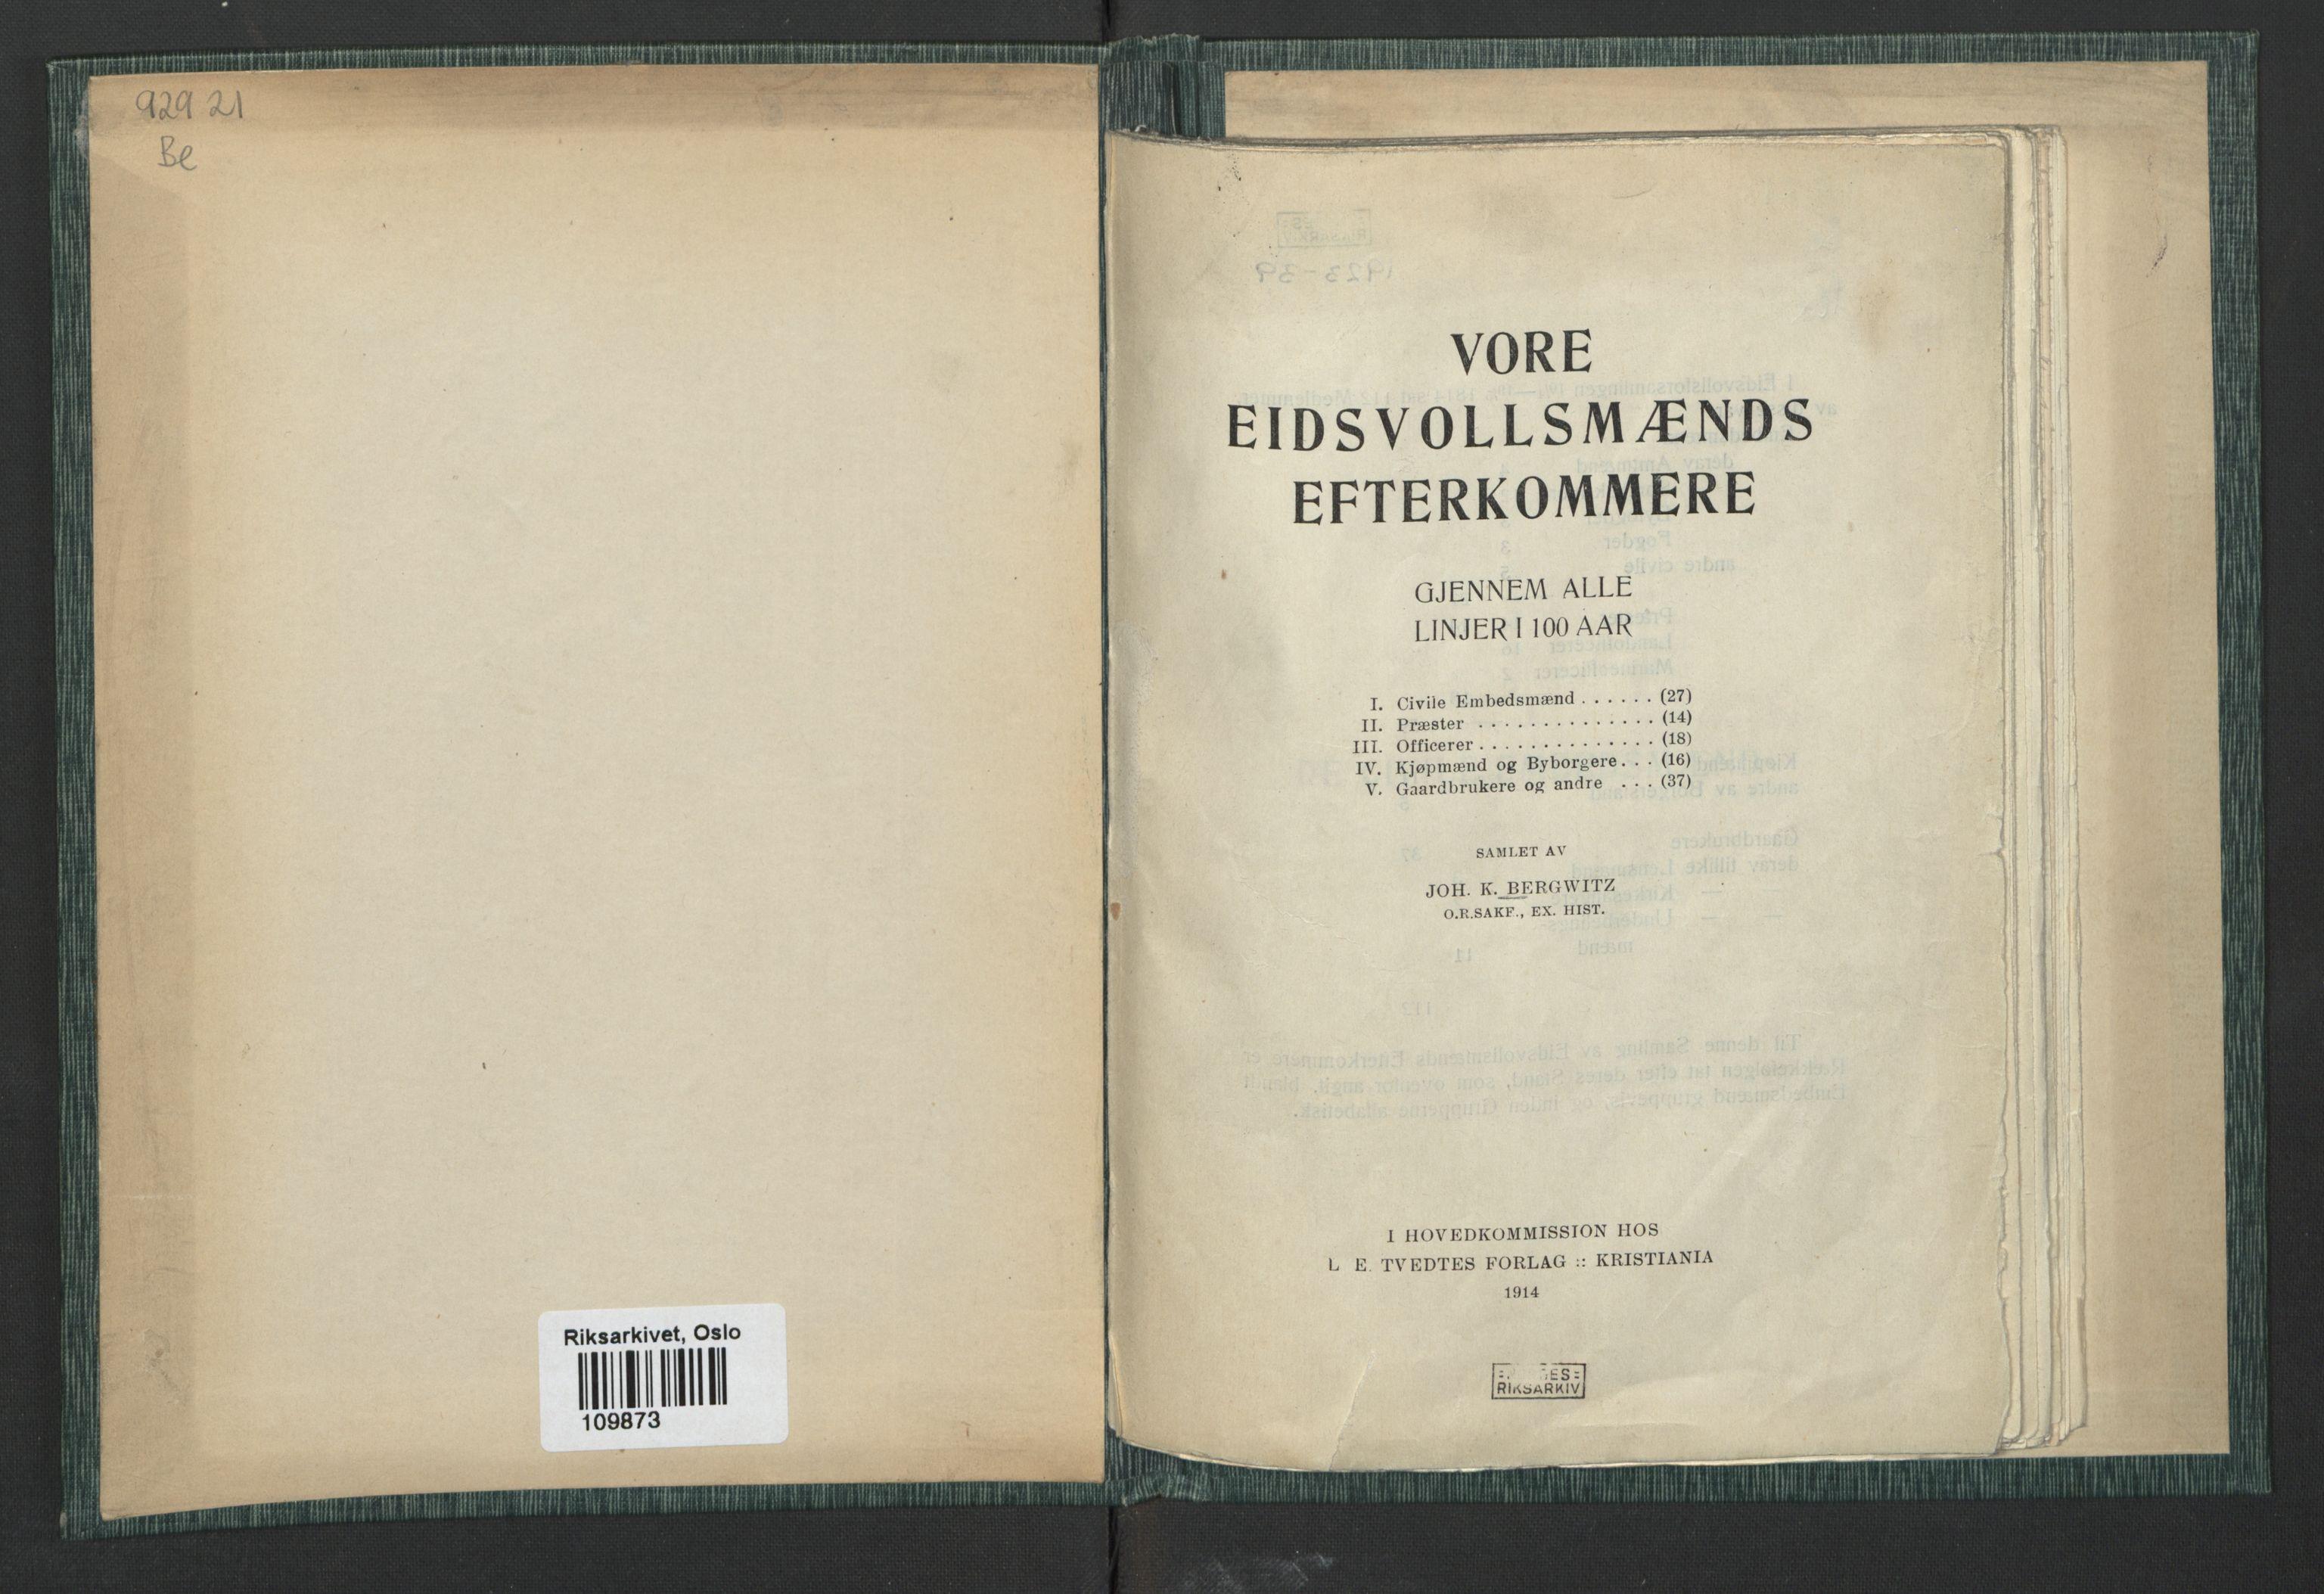 RA, Publikasjoner*, 1914, s. 2